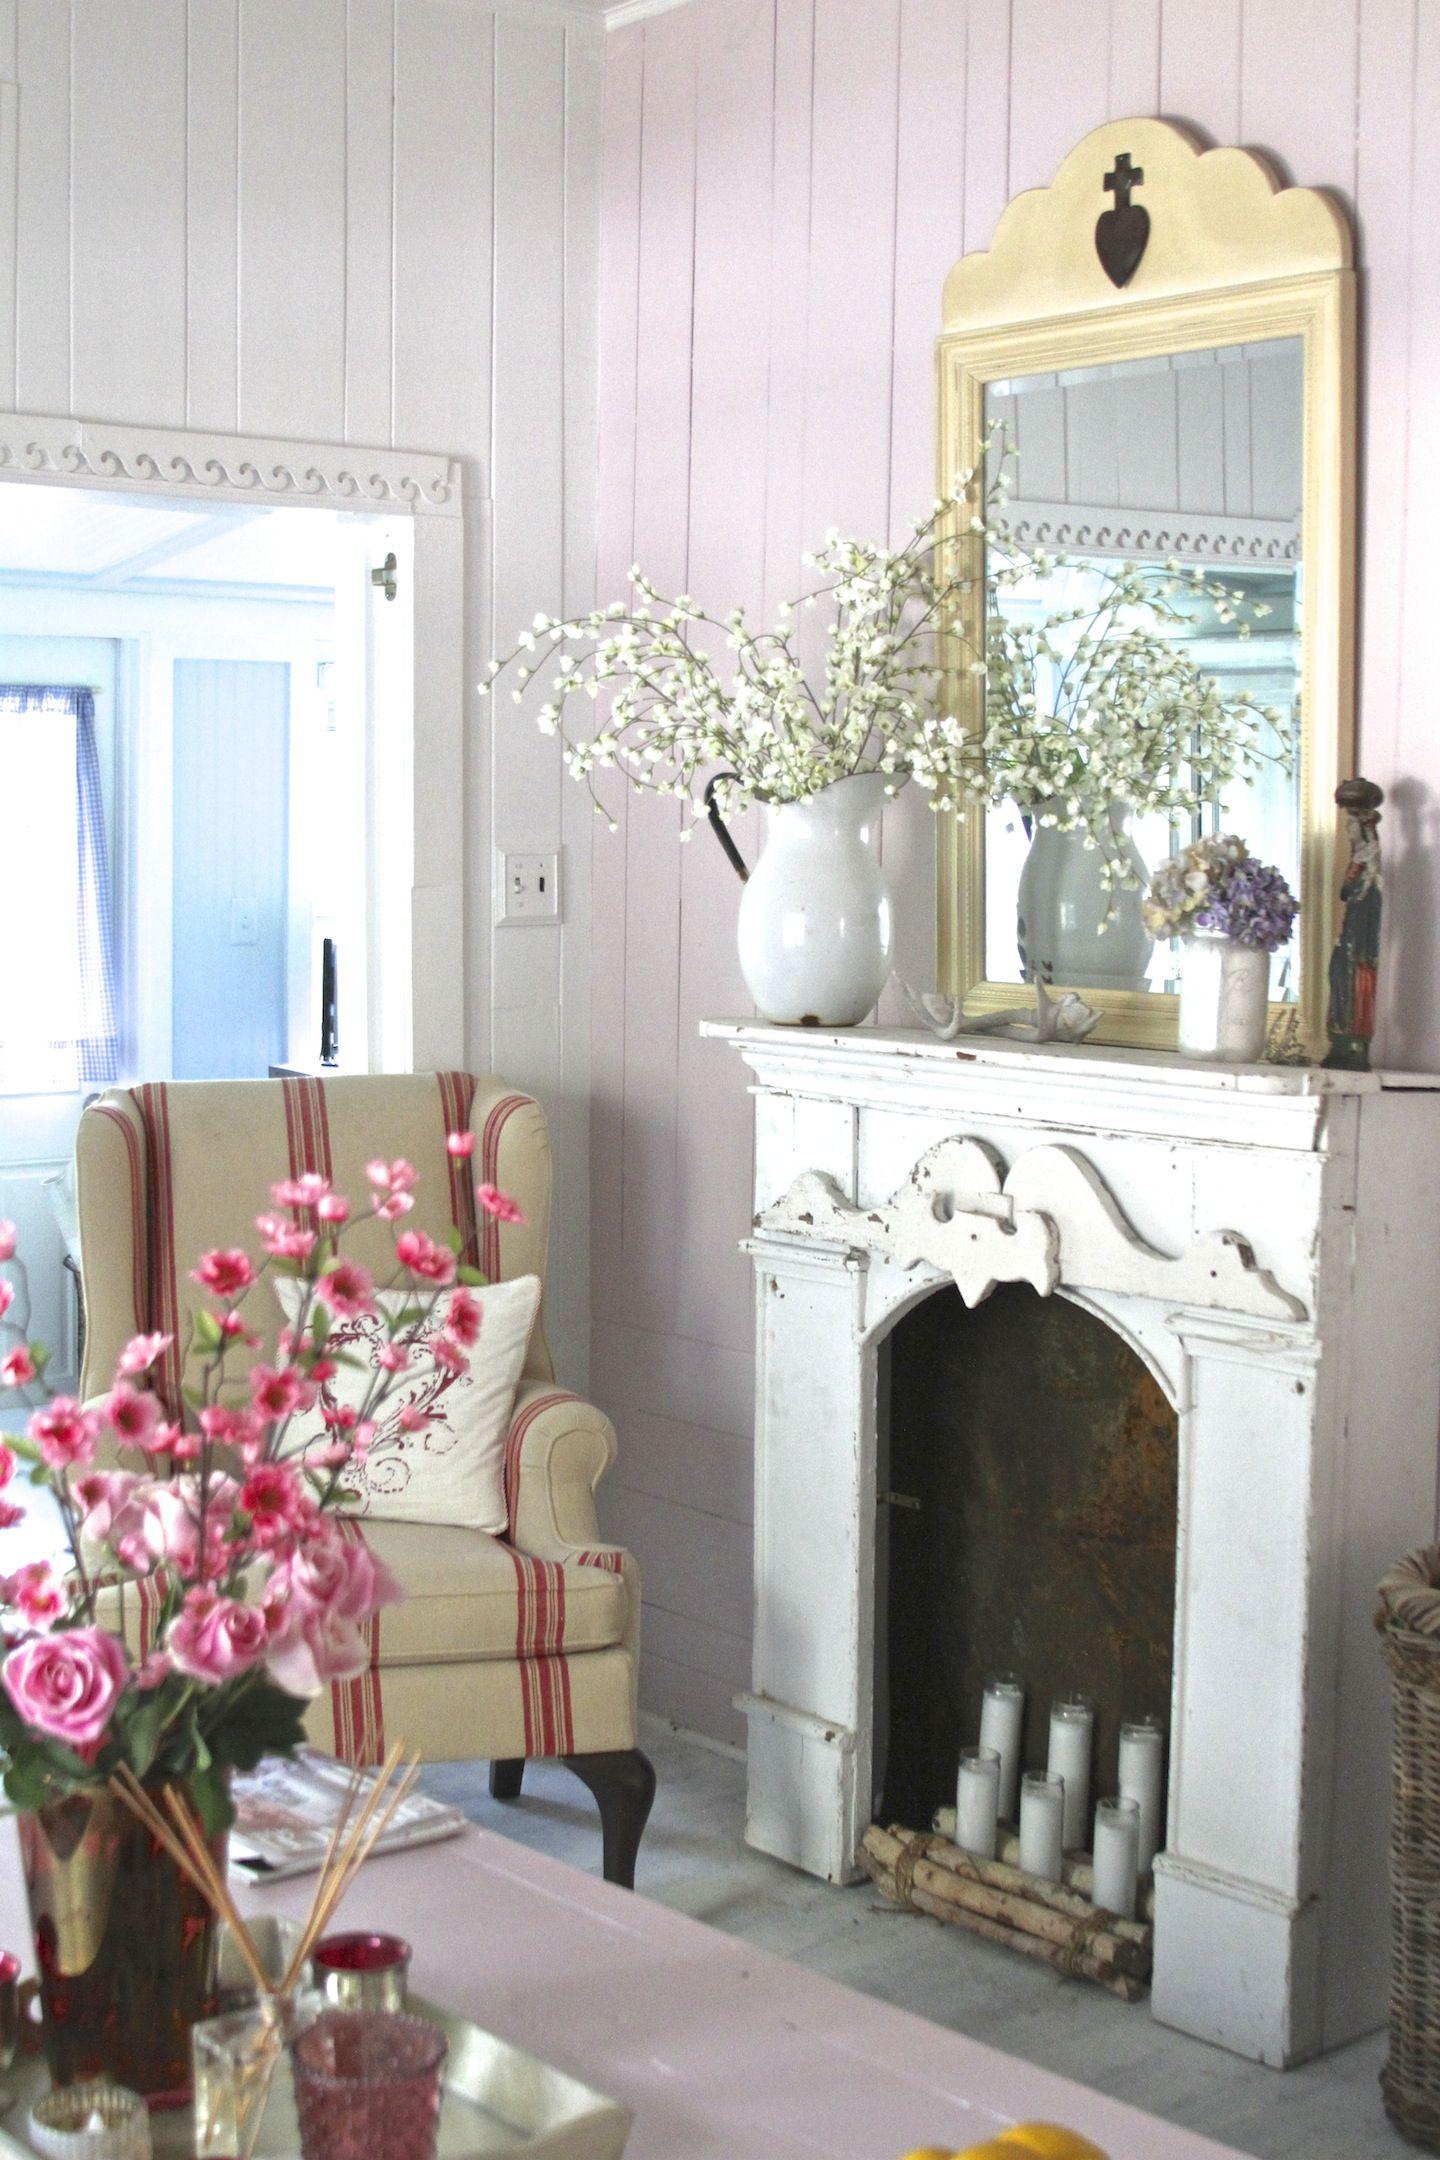 fireplace mantelmirror pitcher ticking armchair FIFI ONEILL